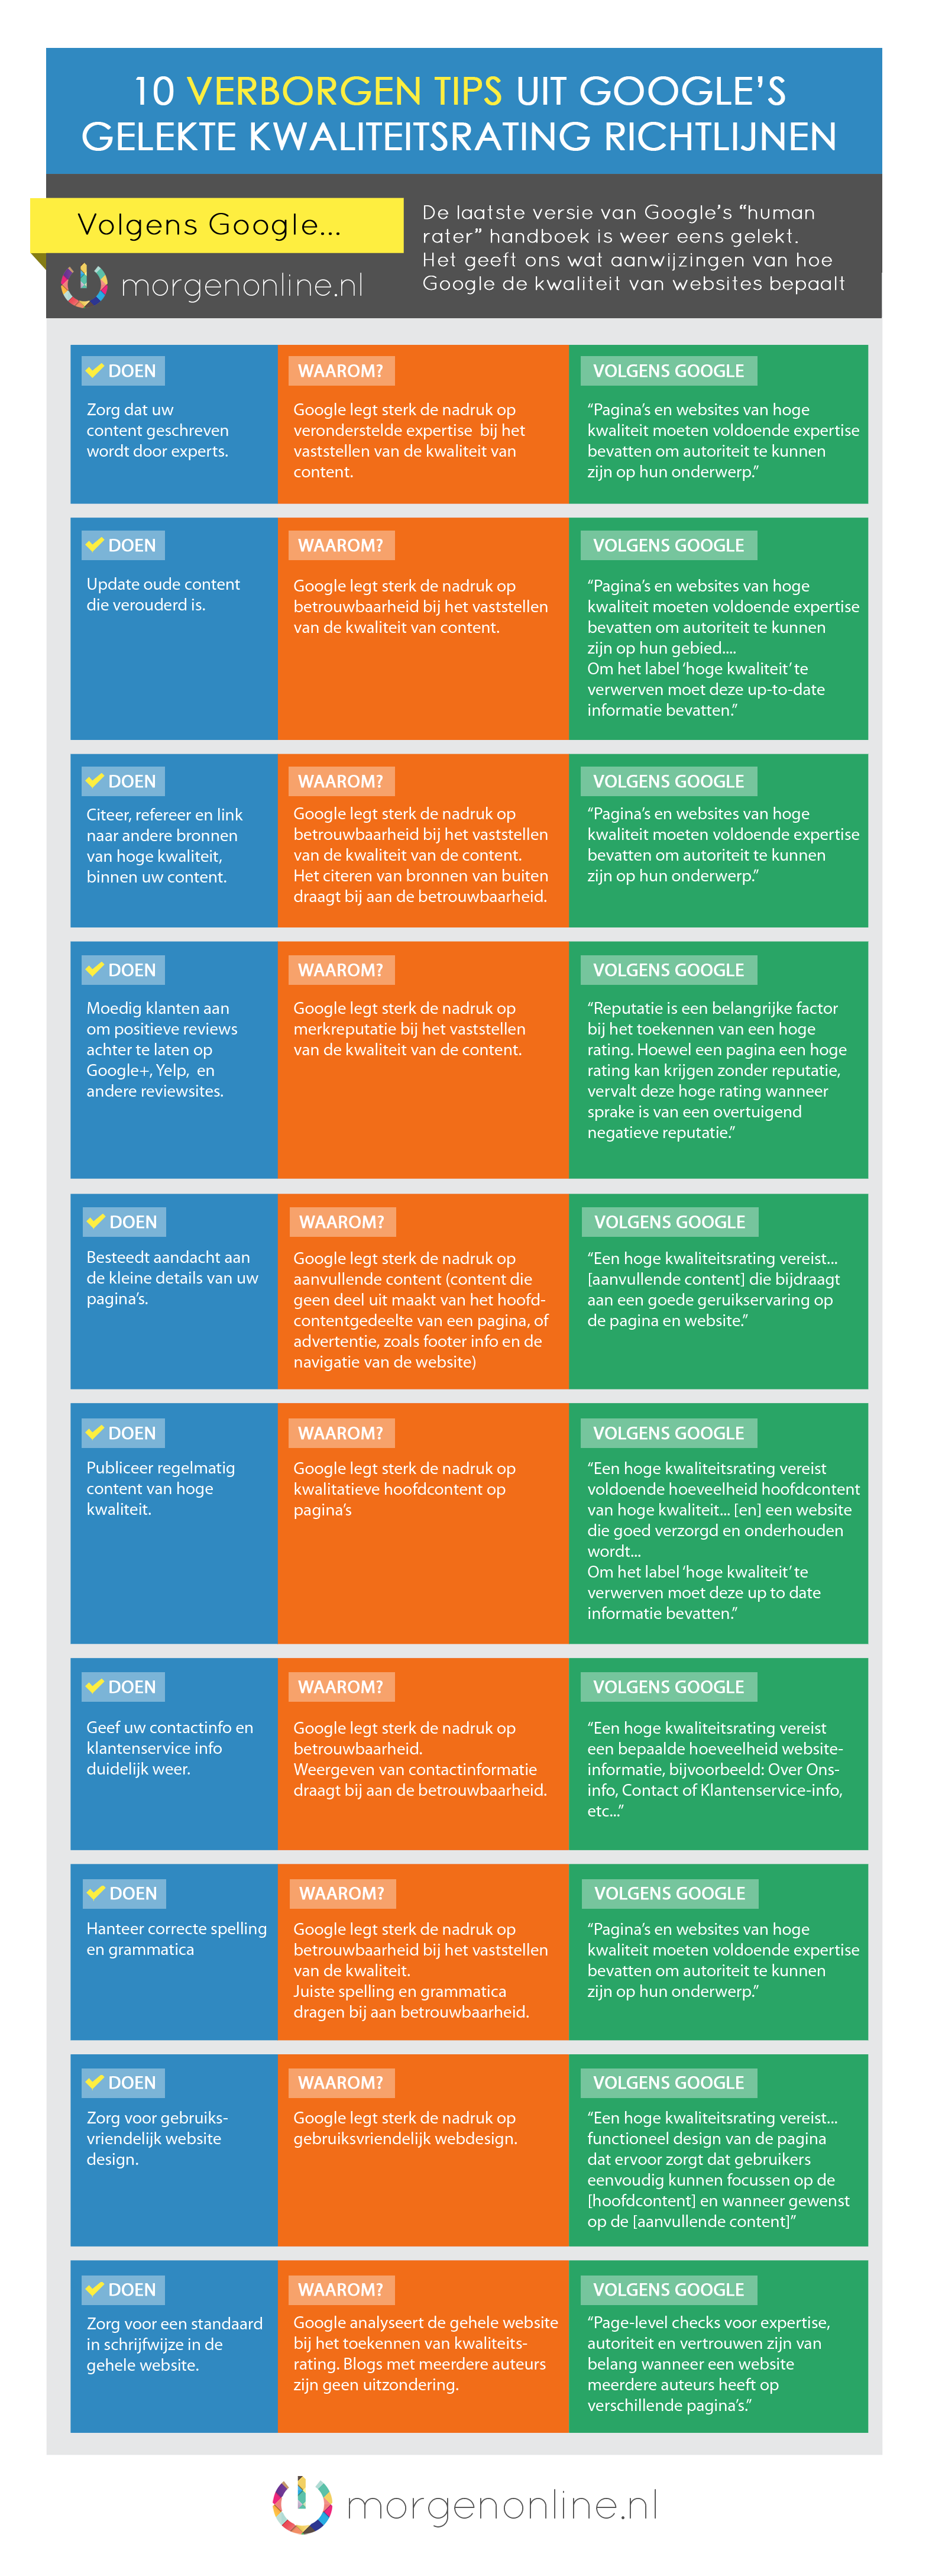 Google-Infographic-Kwaliteitsrating